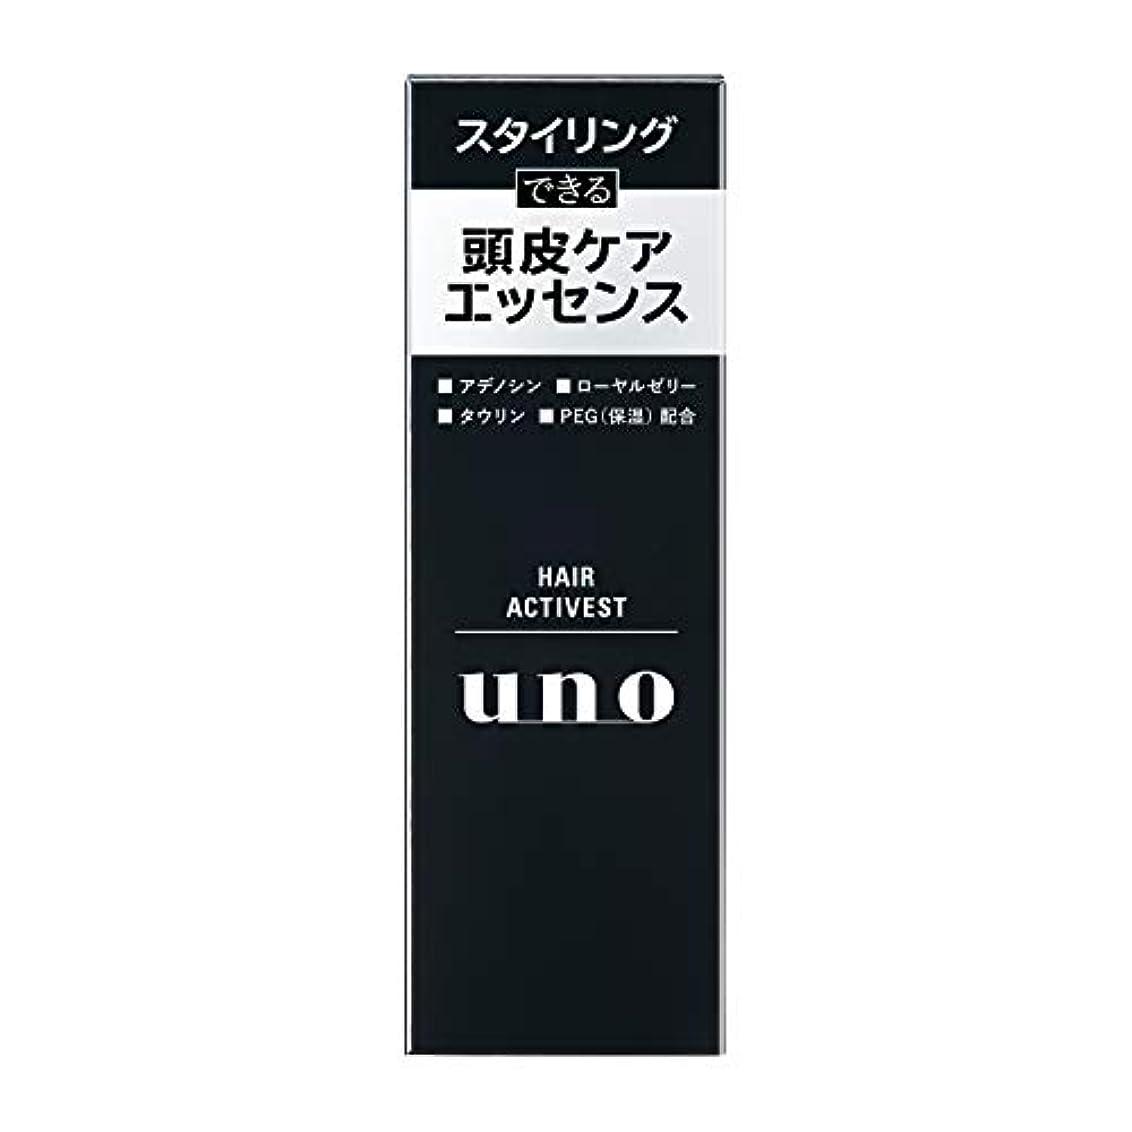 コミュニティ破滅的な溶融UNO(ウーノ) ウーノ ヘアアクティベスト 100ml ヘアオイル